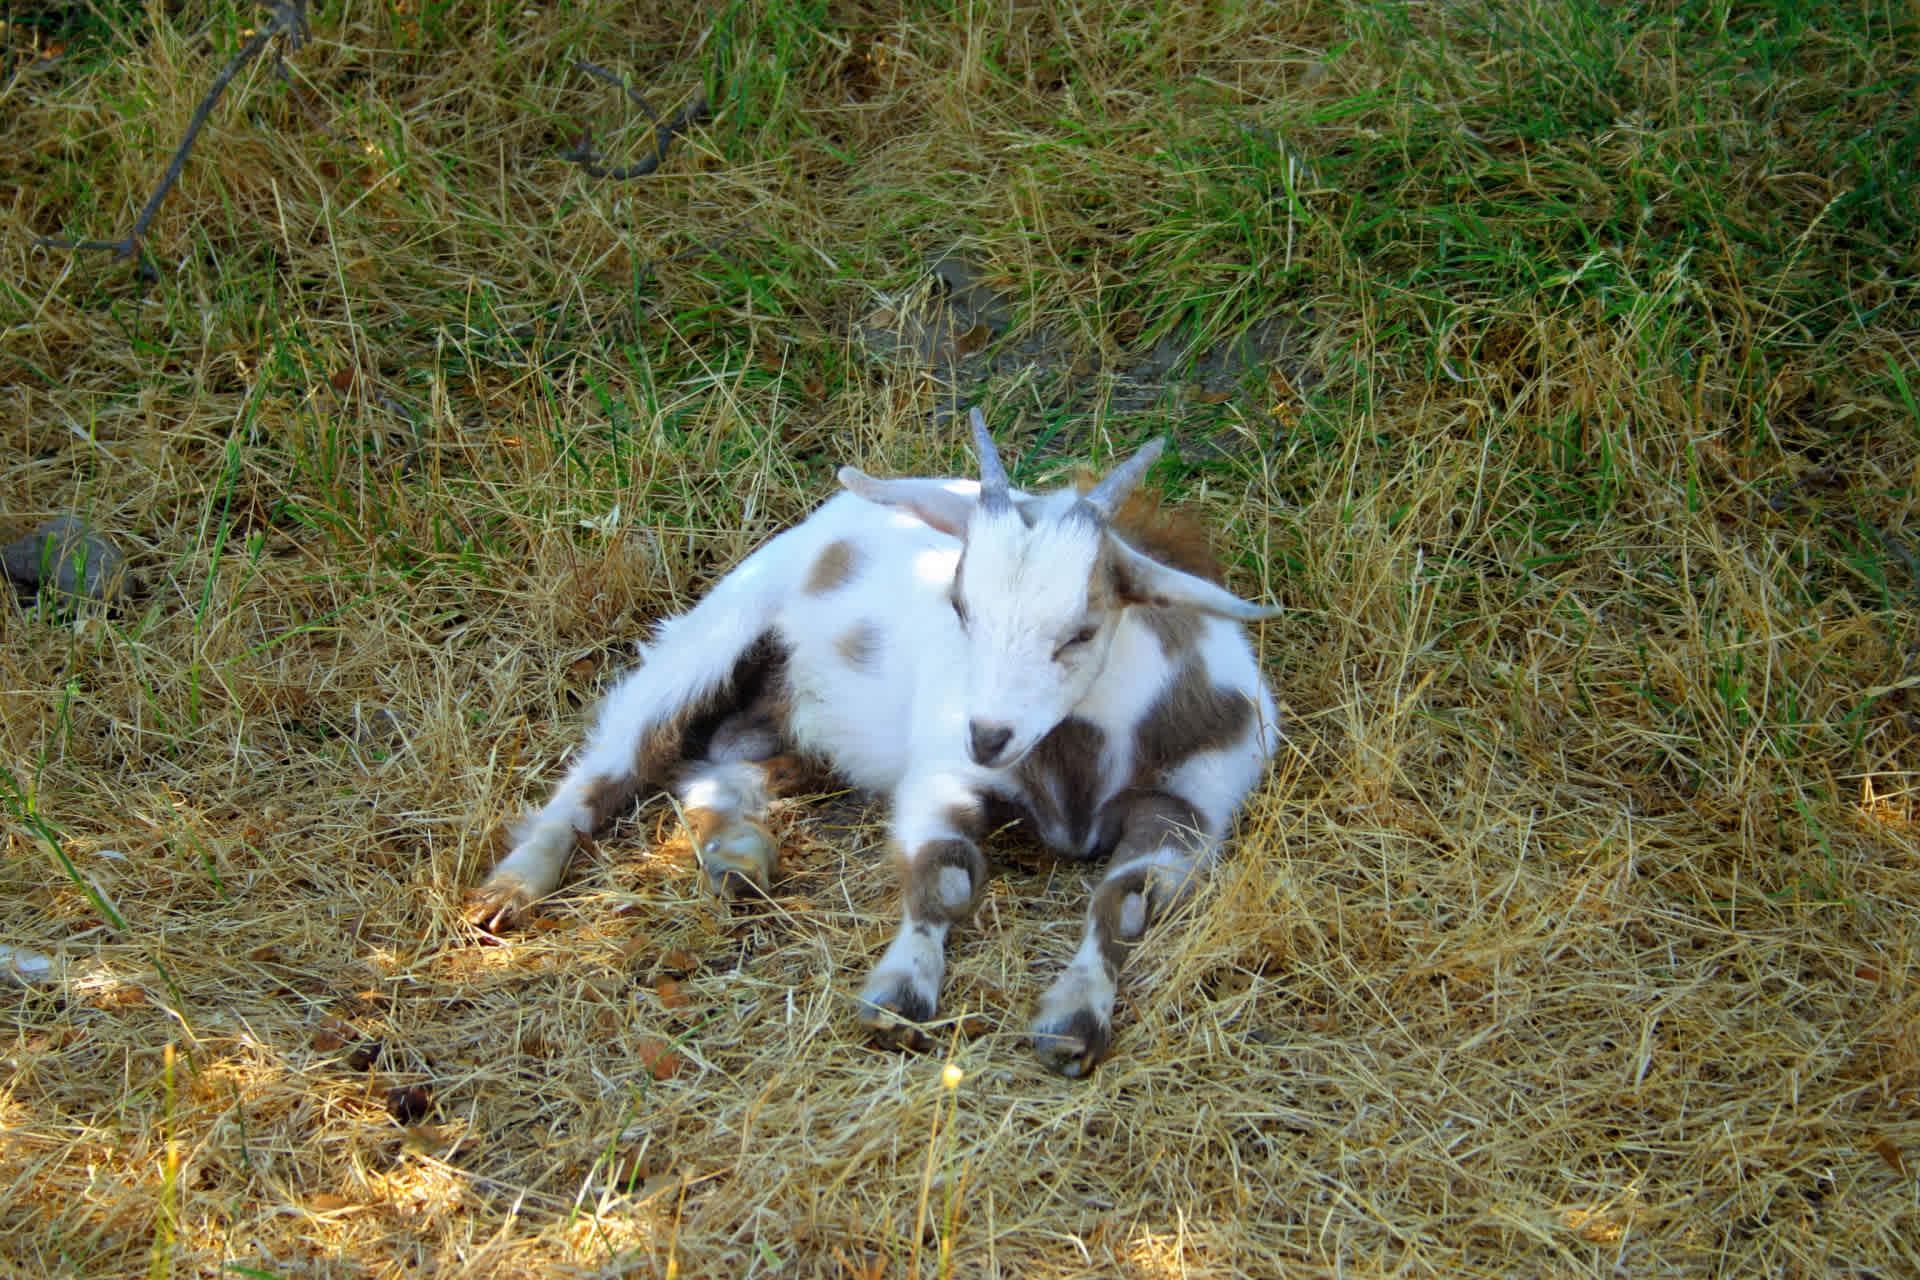 Goat farm De Mekkerstee